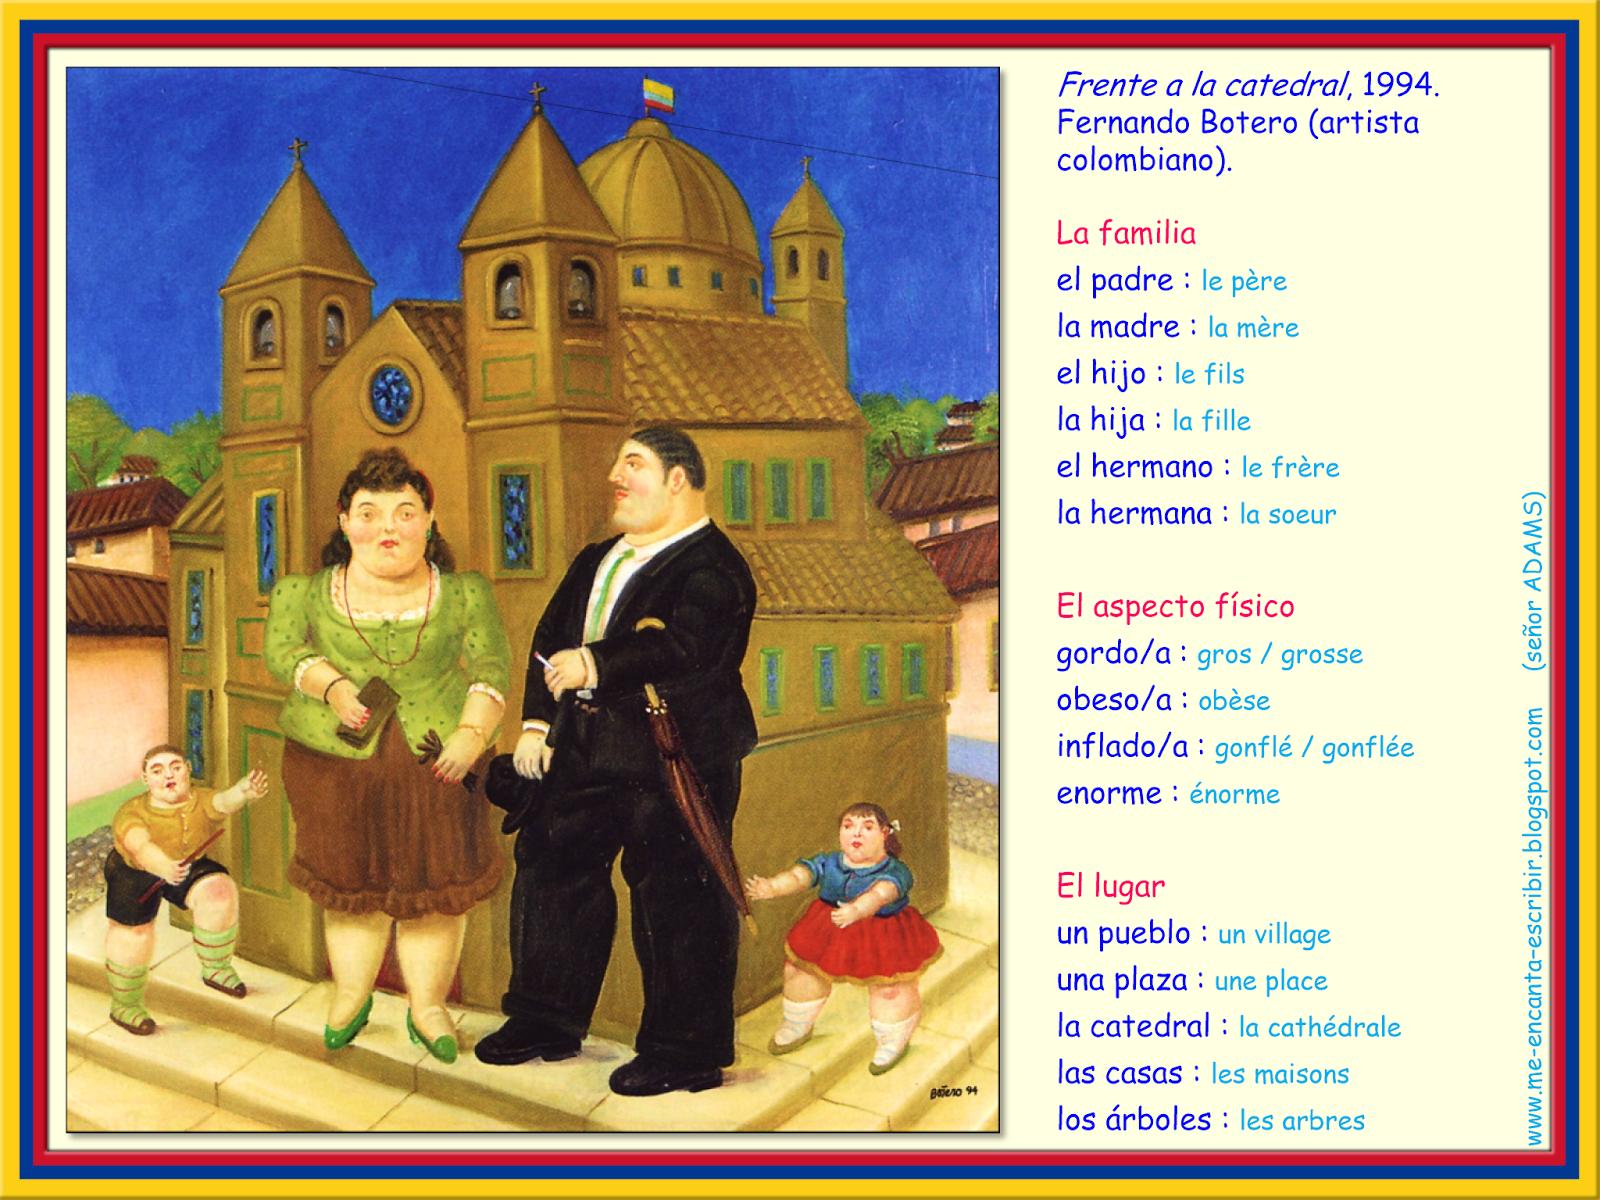 Me Encanta Escribir En Espanol Fernando Botero Frente A